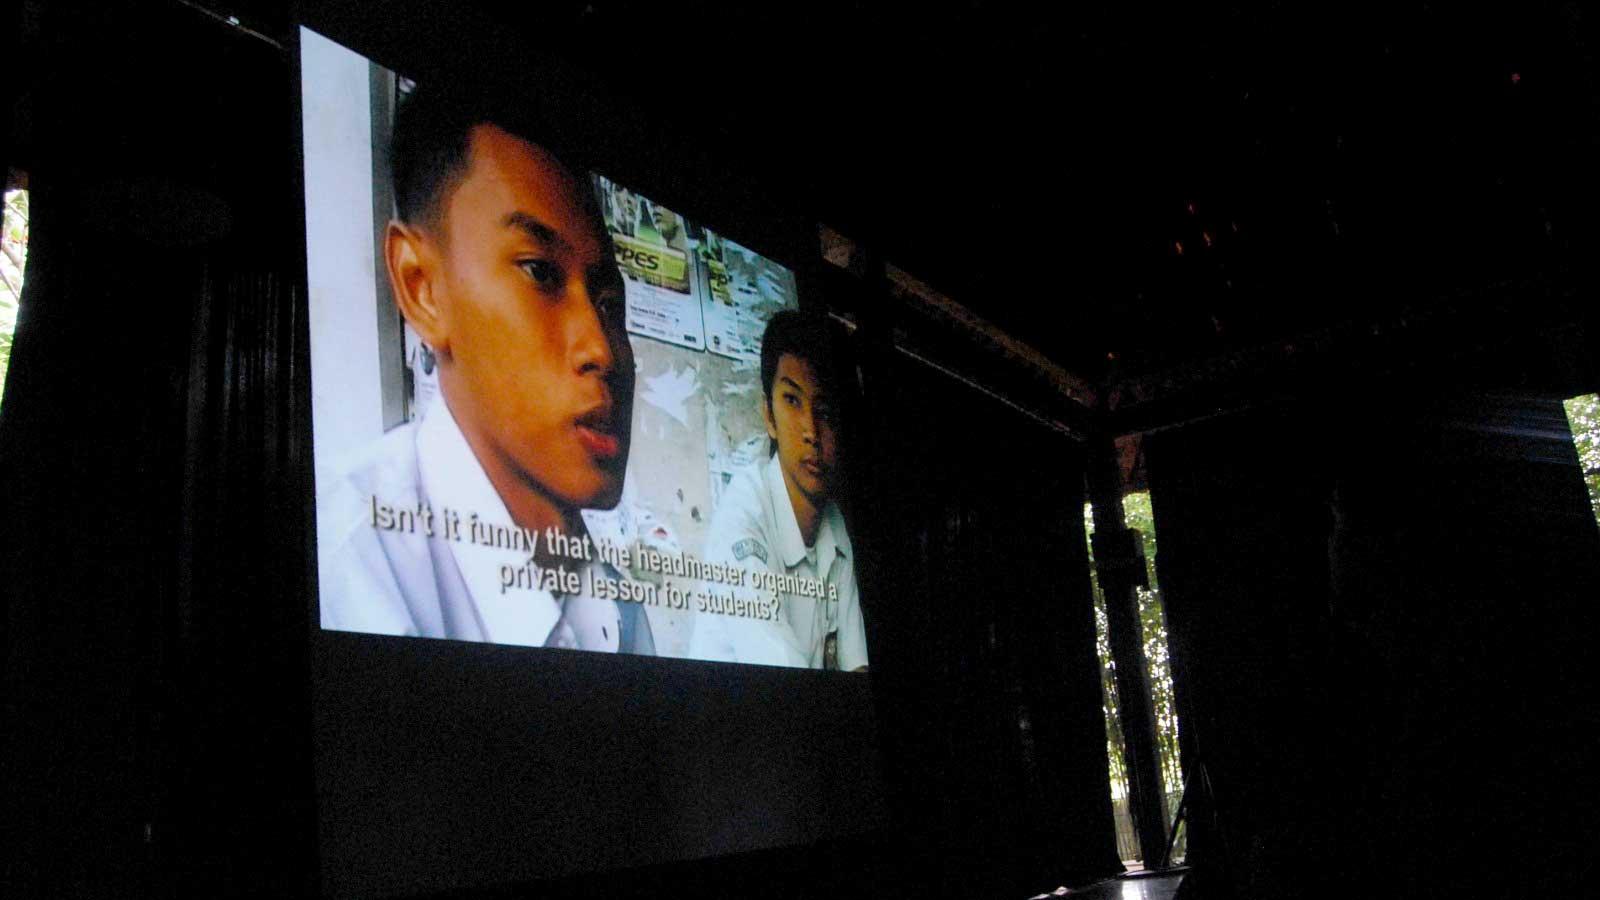 Pemutaran 9808 di Selasar Art Space, Bandung, pada 2008 (Sumber: 9808films.wordpress.com)